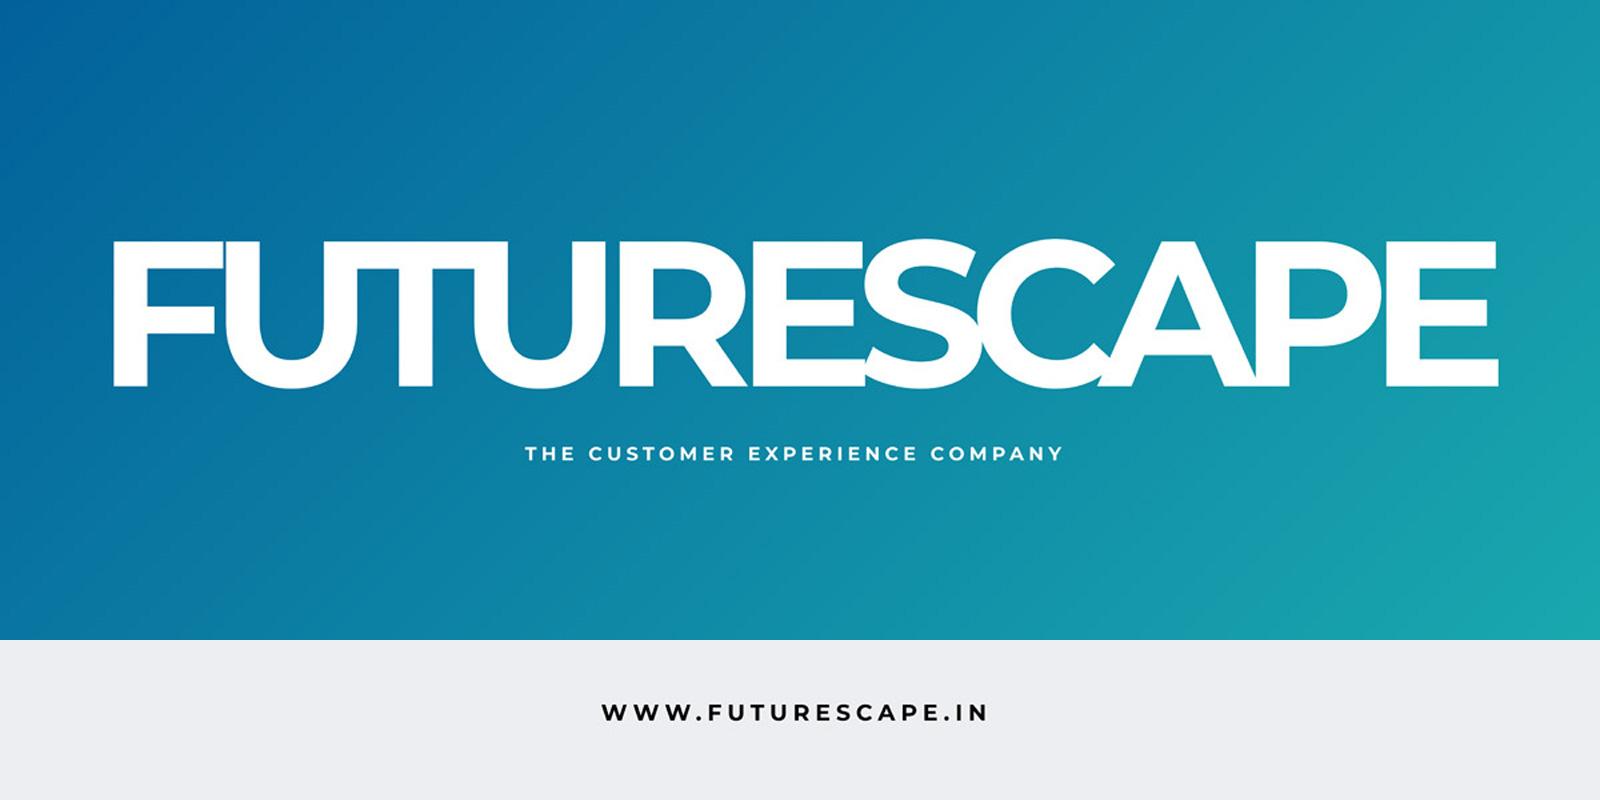 Futurescape-Social-Media-Graphic